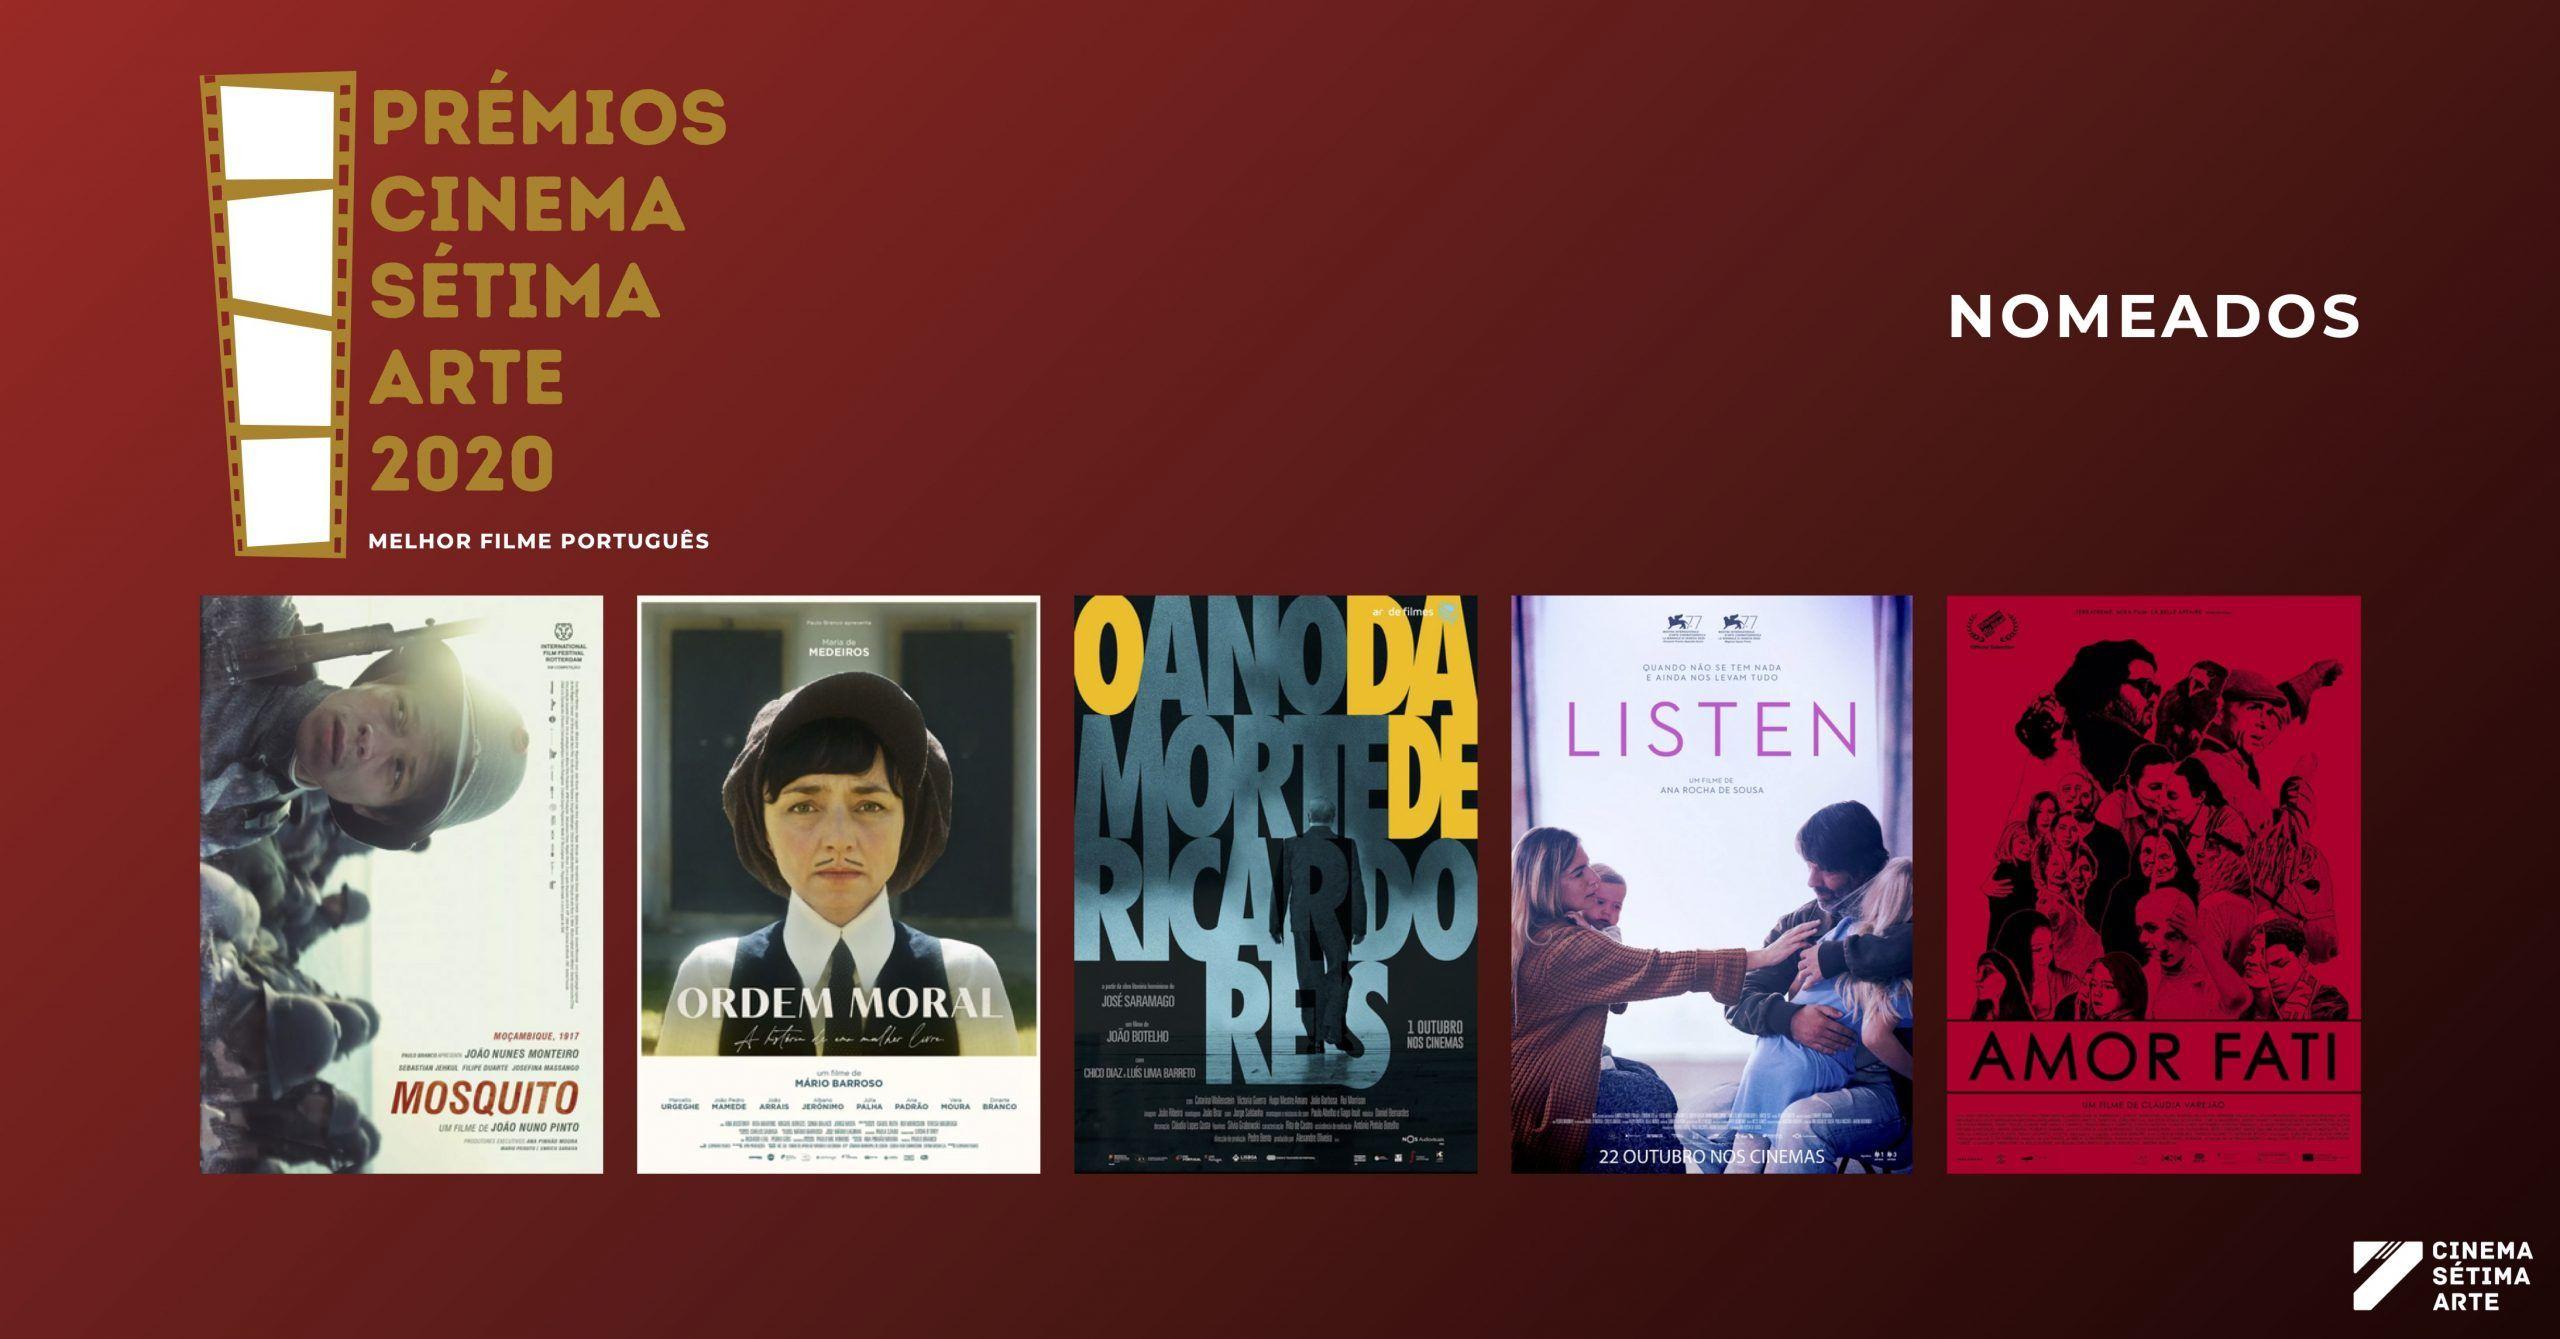 Premios-cinema-setima-arte-2020-3